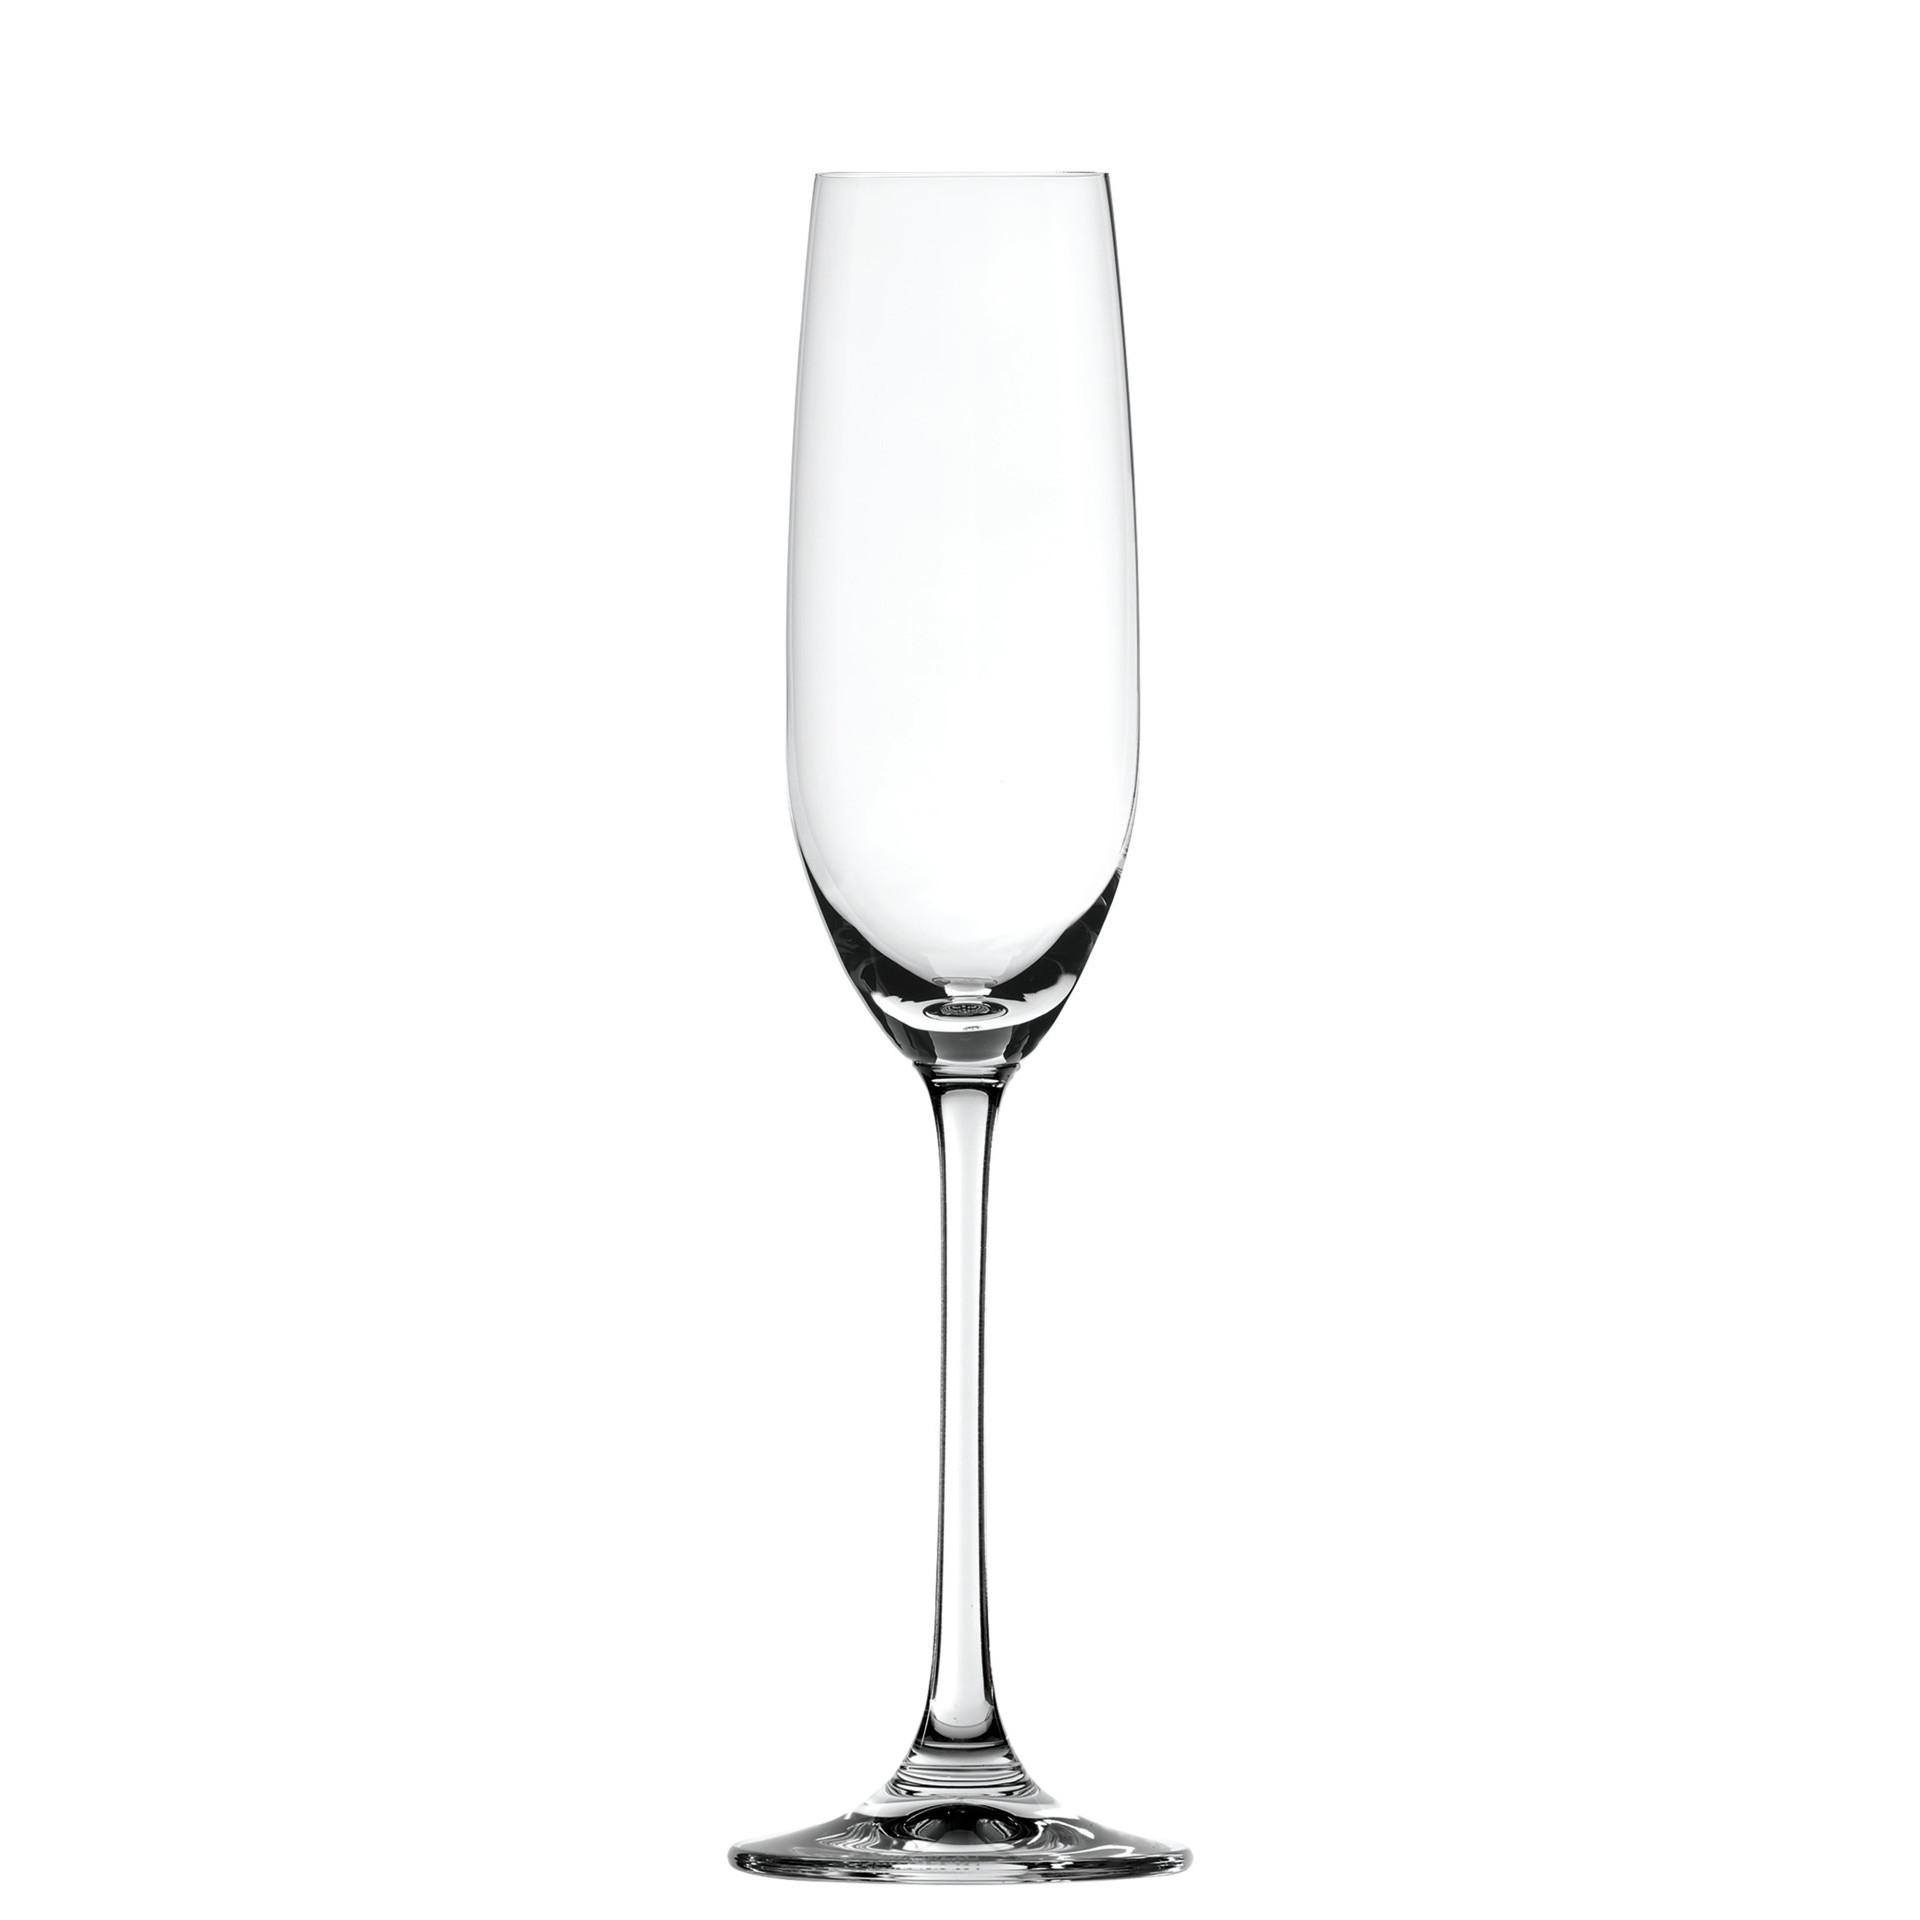 Salute, Champagnerflöte ø 53 mm / 0,21 l